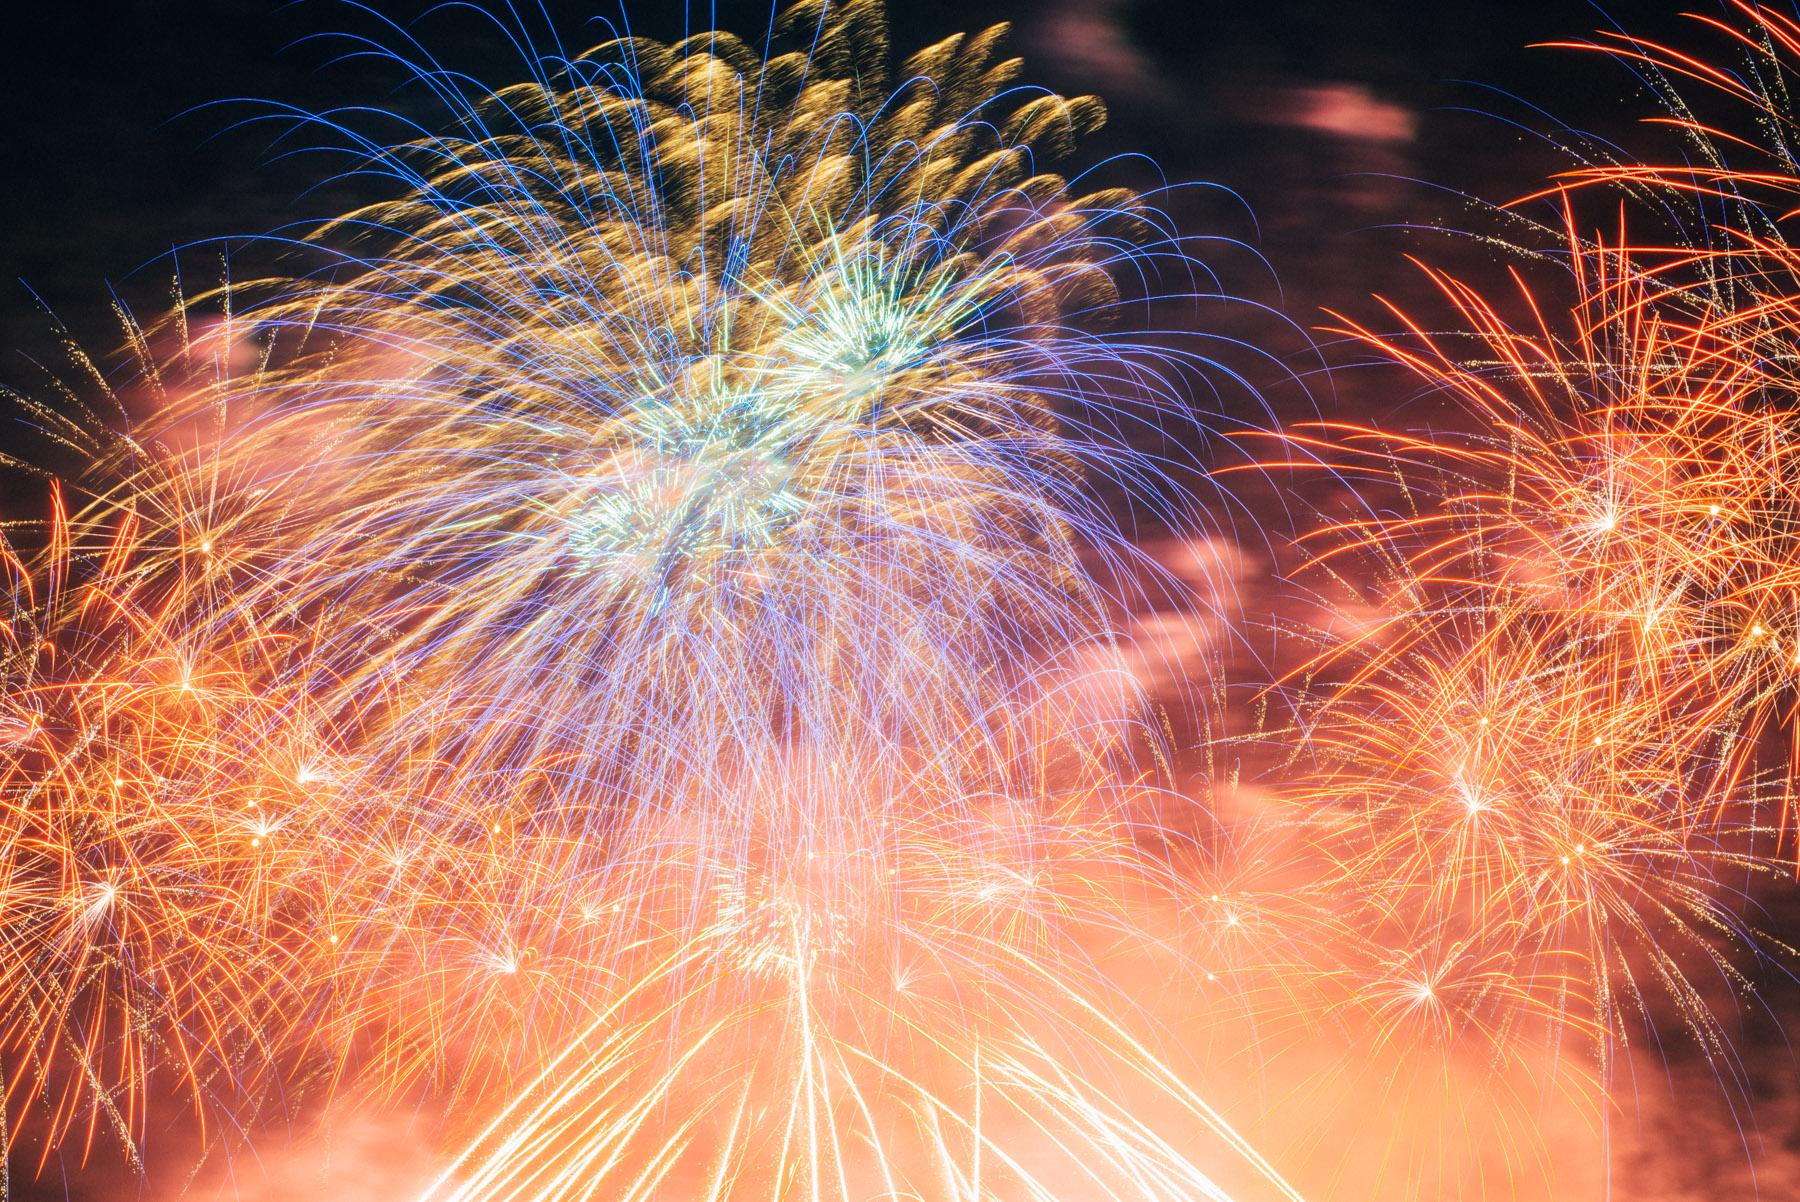 知る人ぞ知る穴場の花火大会。東京競馬場の花火大会の魅力を書いてみます。